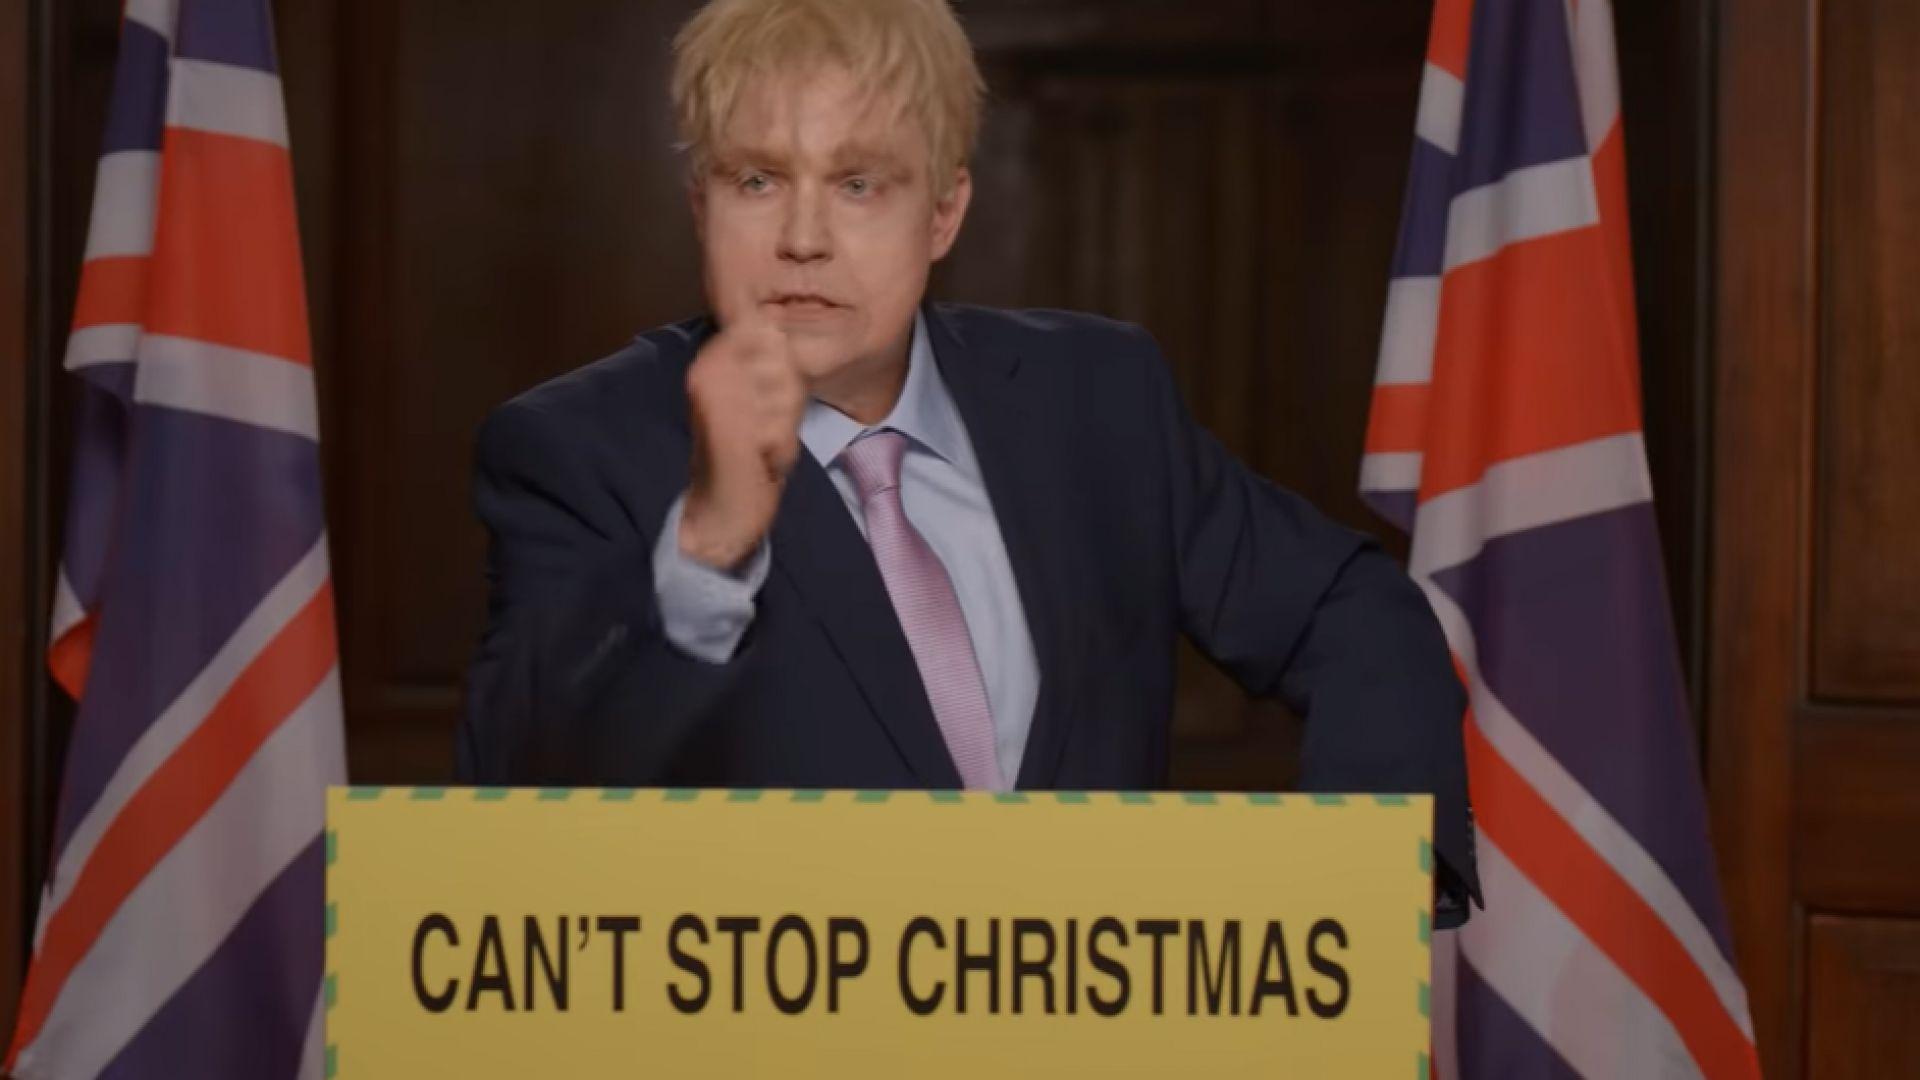 Новият хит - Роби Уилямс като Борис Джонсън, спасява Коледа (видео)